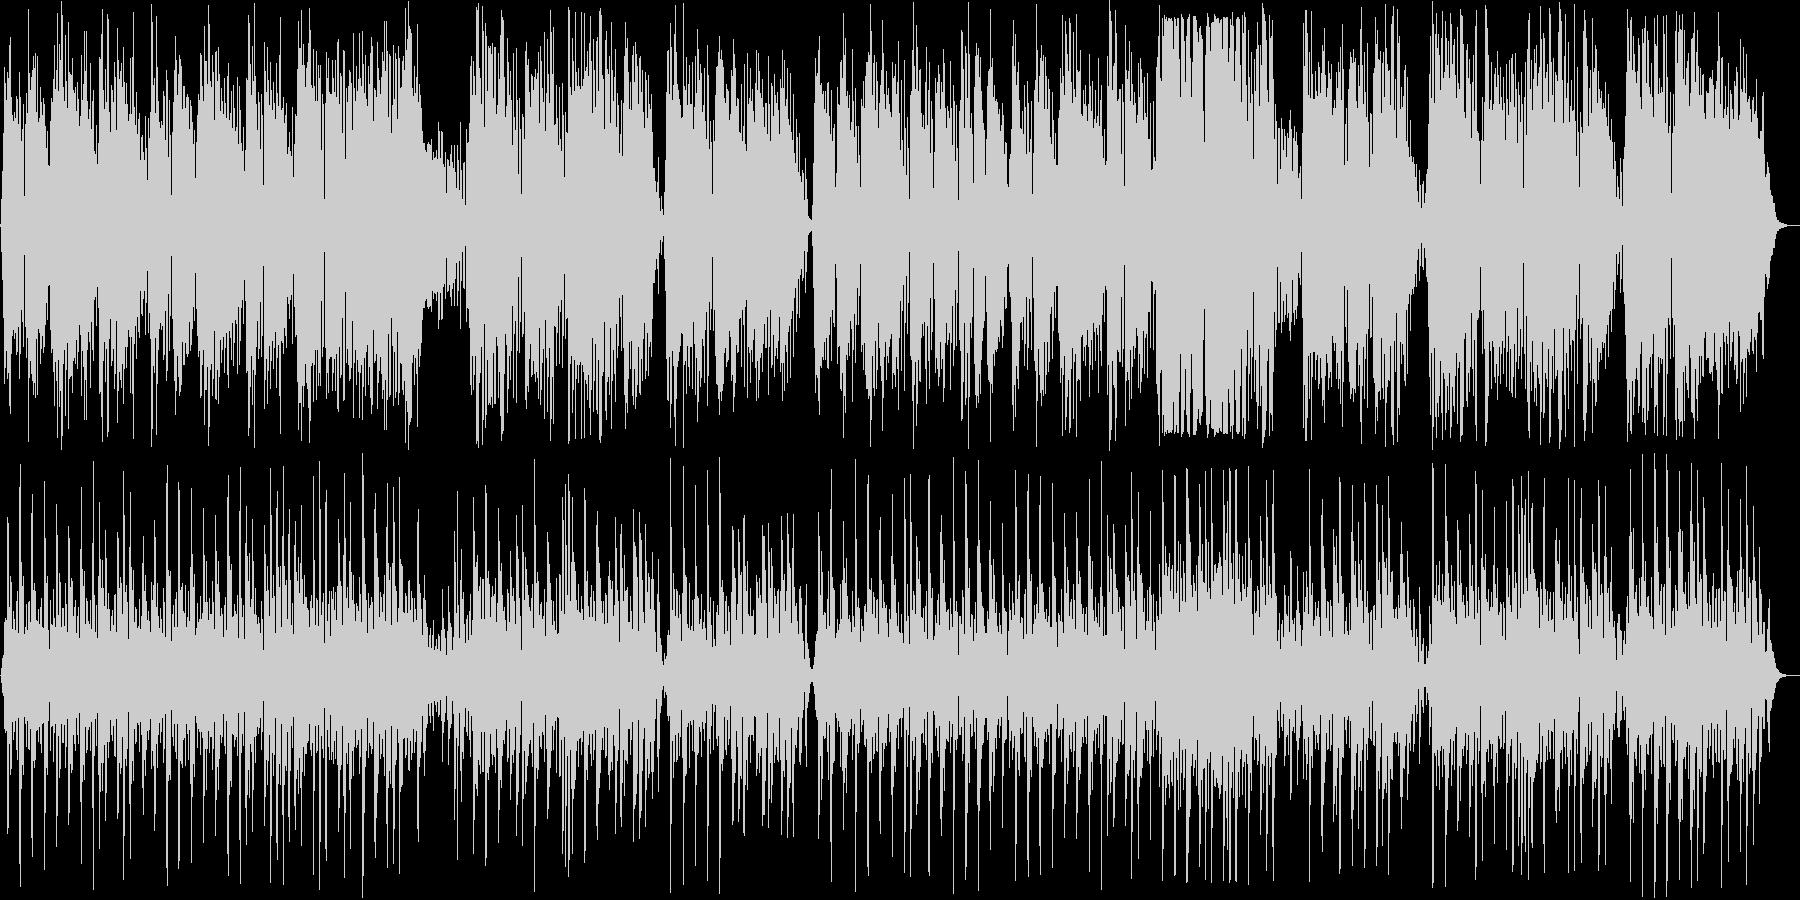 弦楽四重奏曲第17番第2楽章セレナーデの未再生の波形